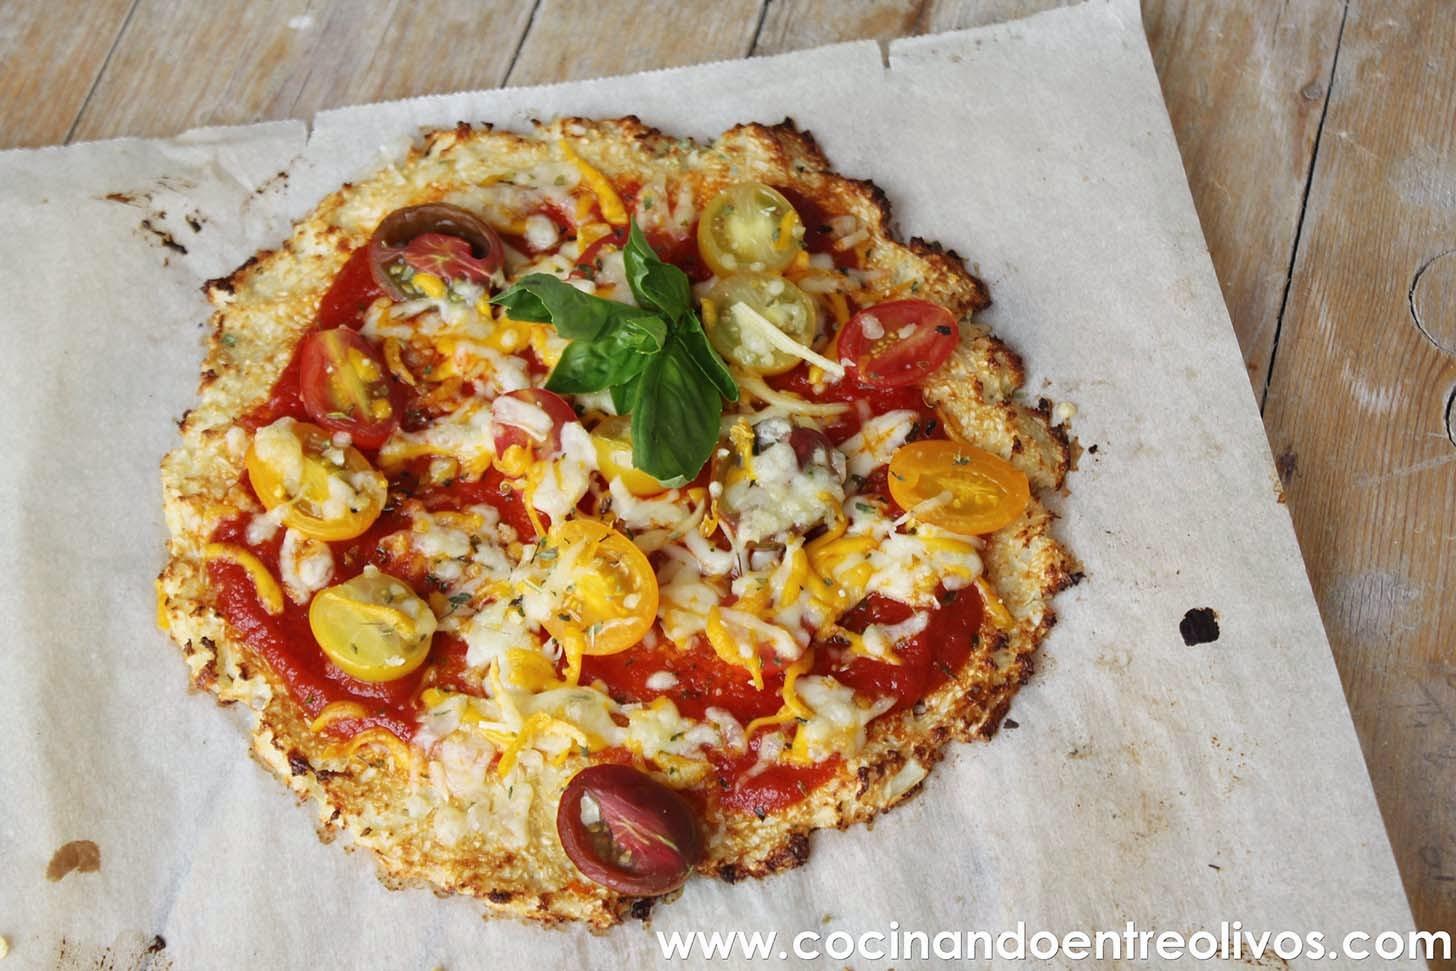 Cocinando entre olivos pizza de coliflor receta paso a paso for Cocinando entre olivos